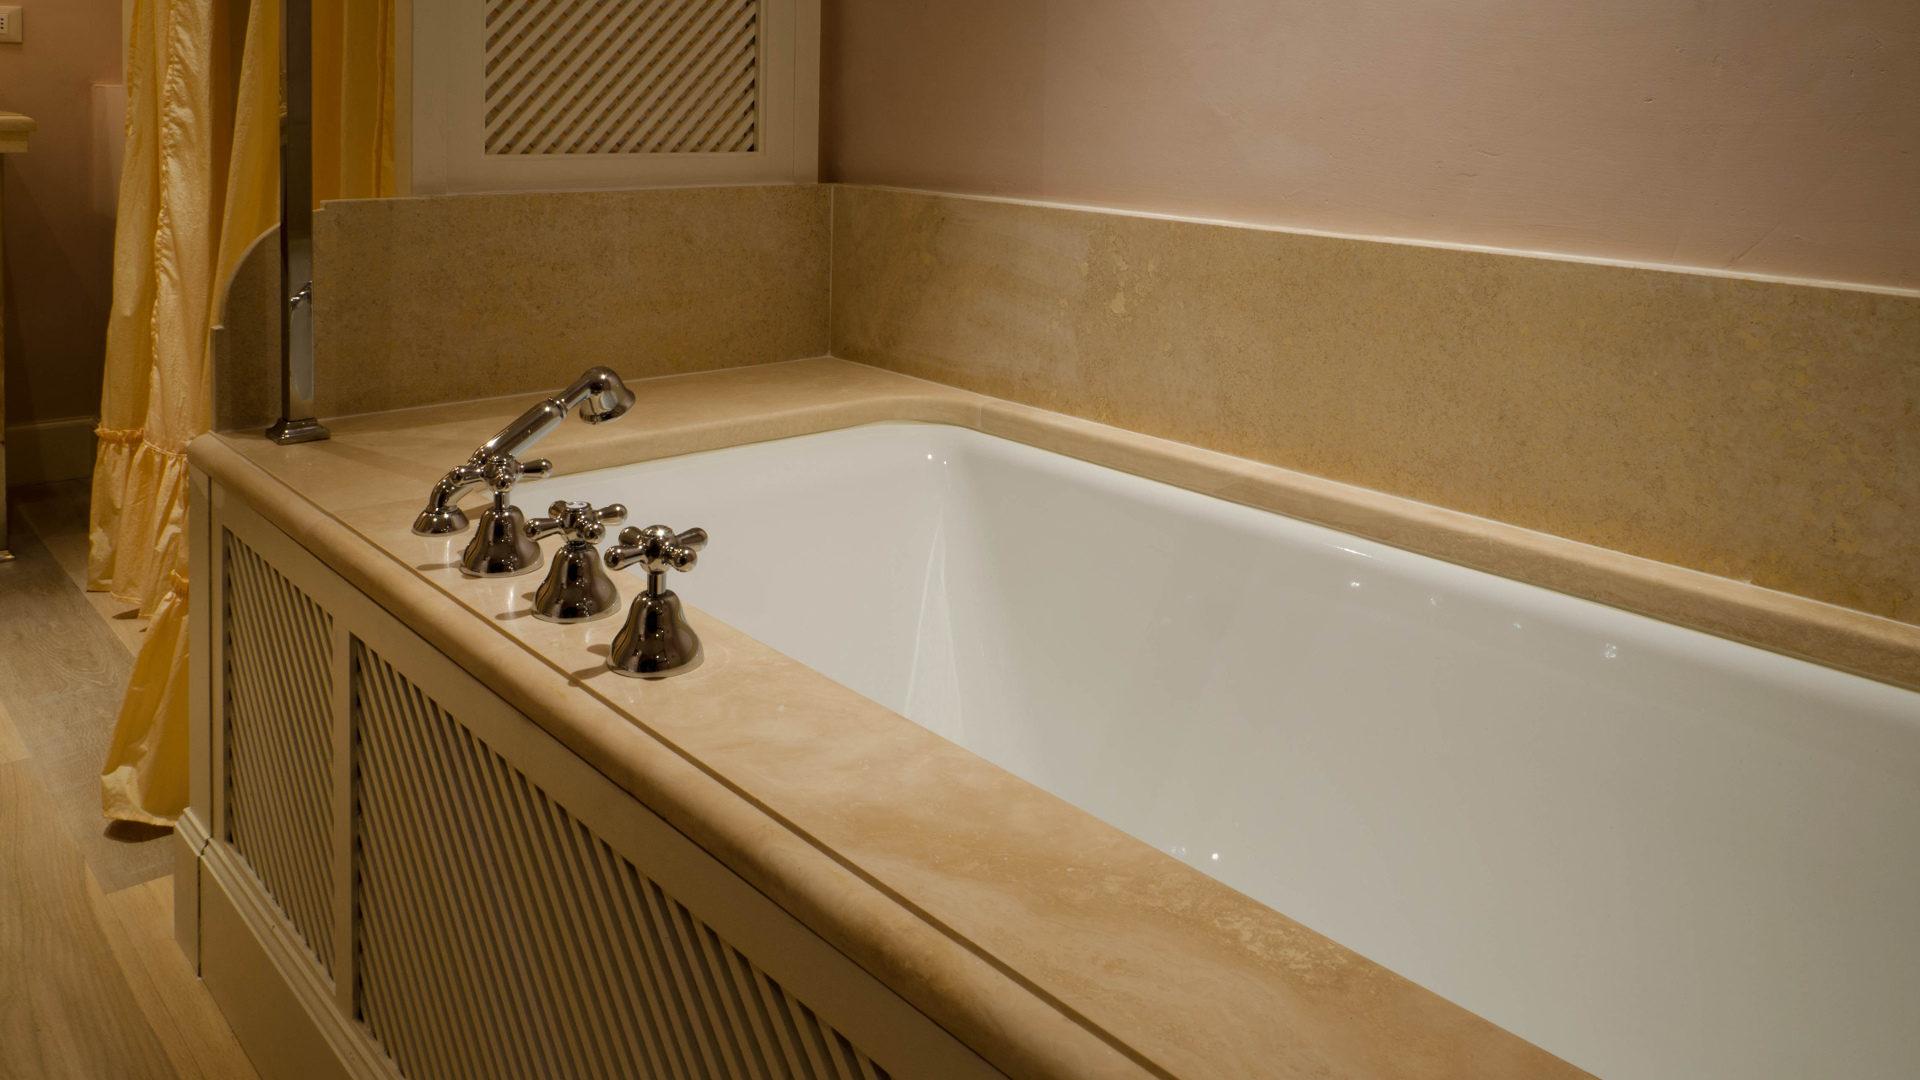 Vasca Da Bagno Firenze : Sedile da appendere ai bordi della vasca da bagno annunci firenze